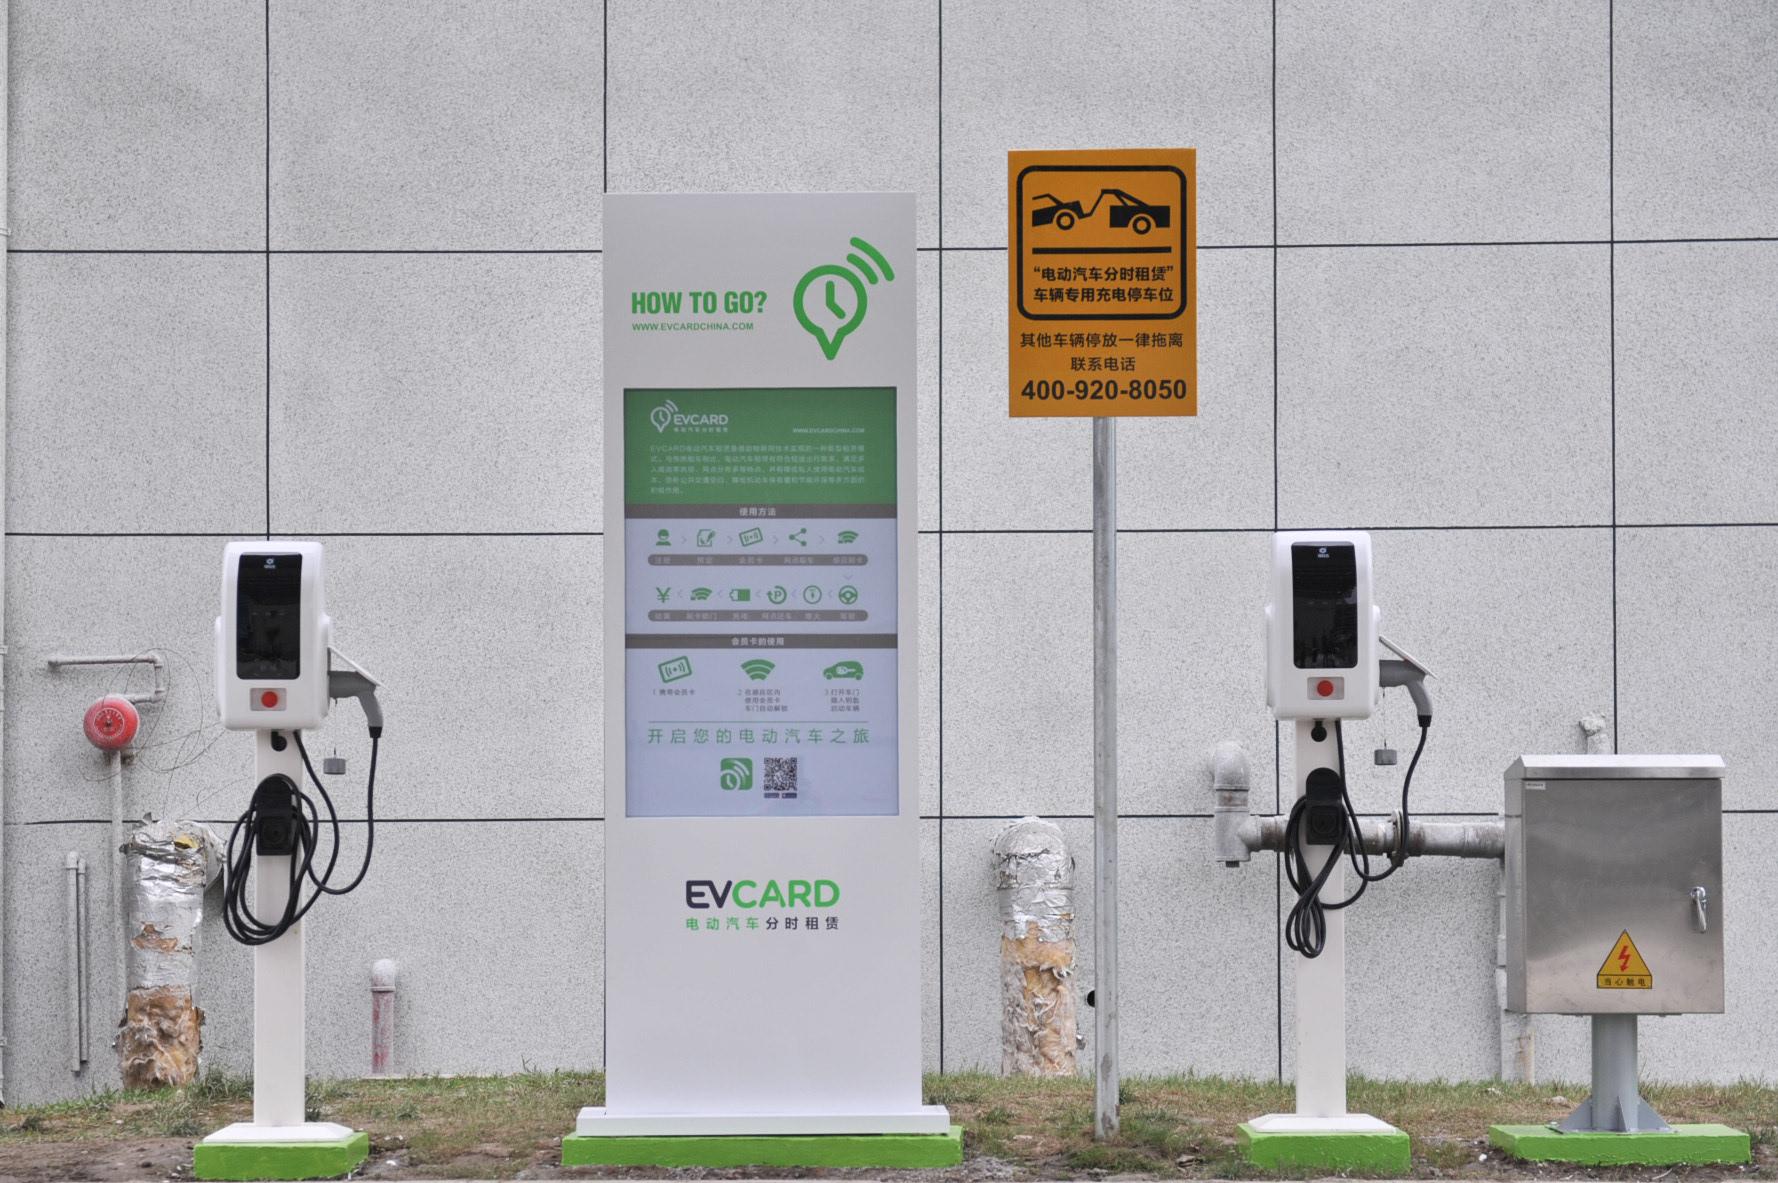 新能源汽车分时租赁成热点 重资产模式待解